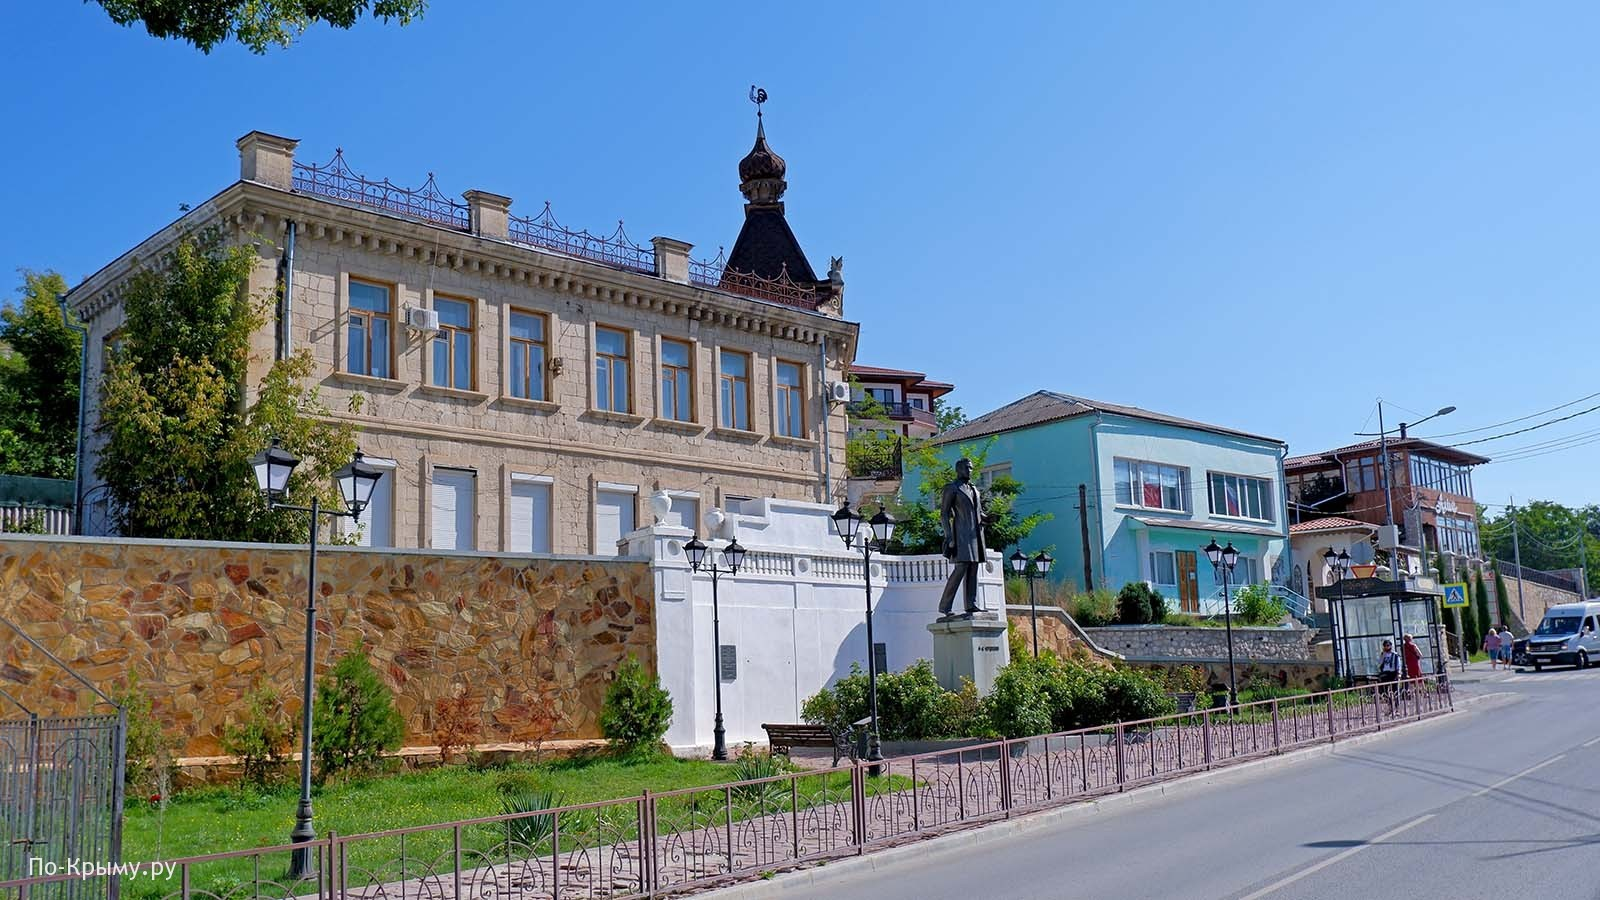 Памятник Пушкину в Бахчисарае